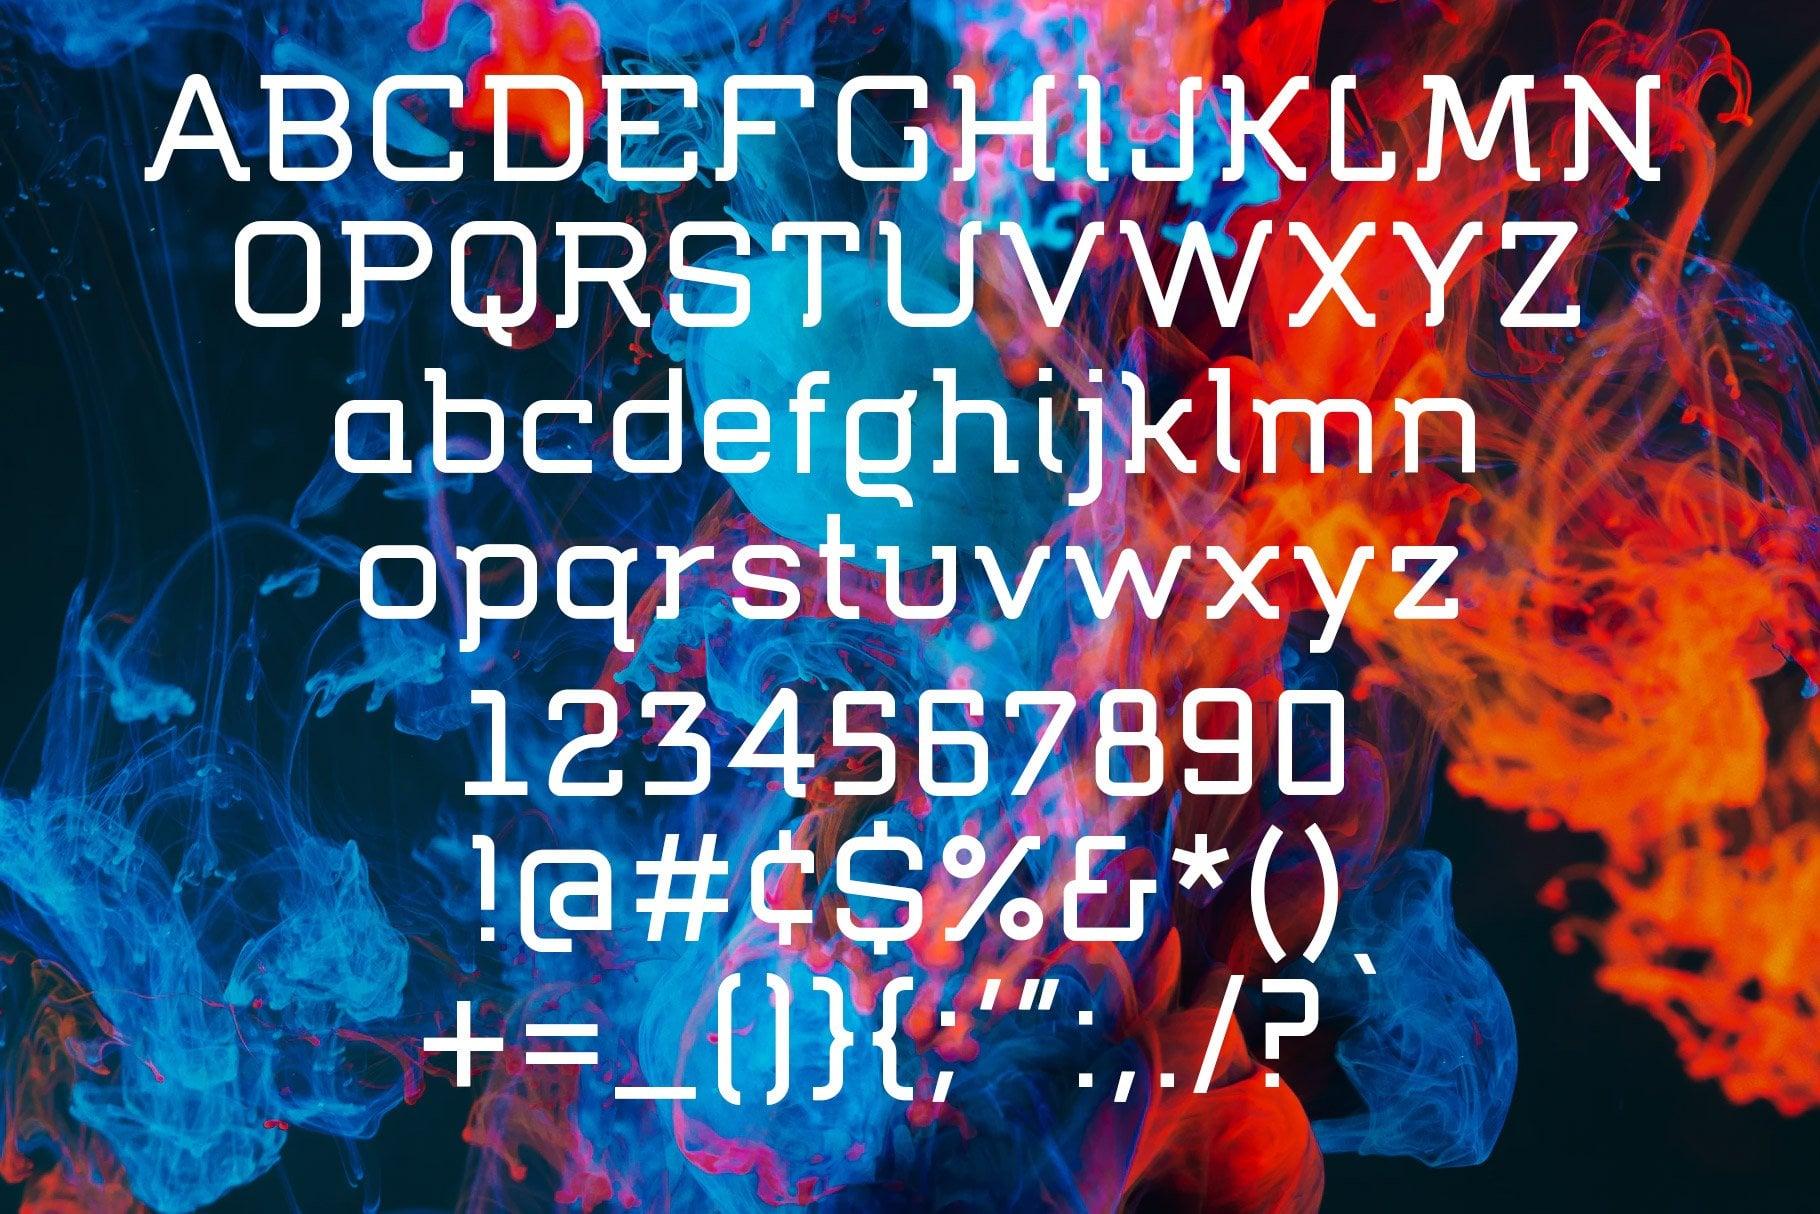 Alphabet of Tech font Flumen